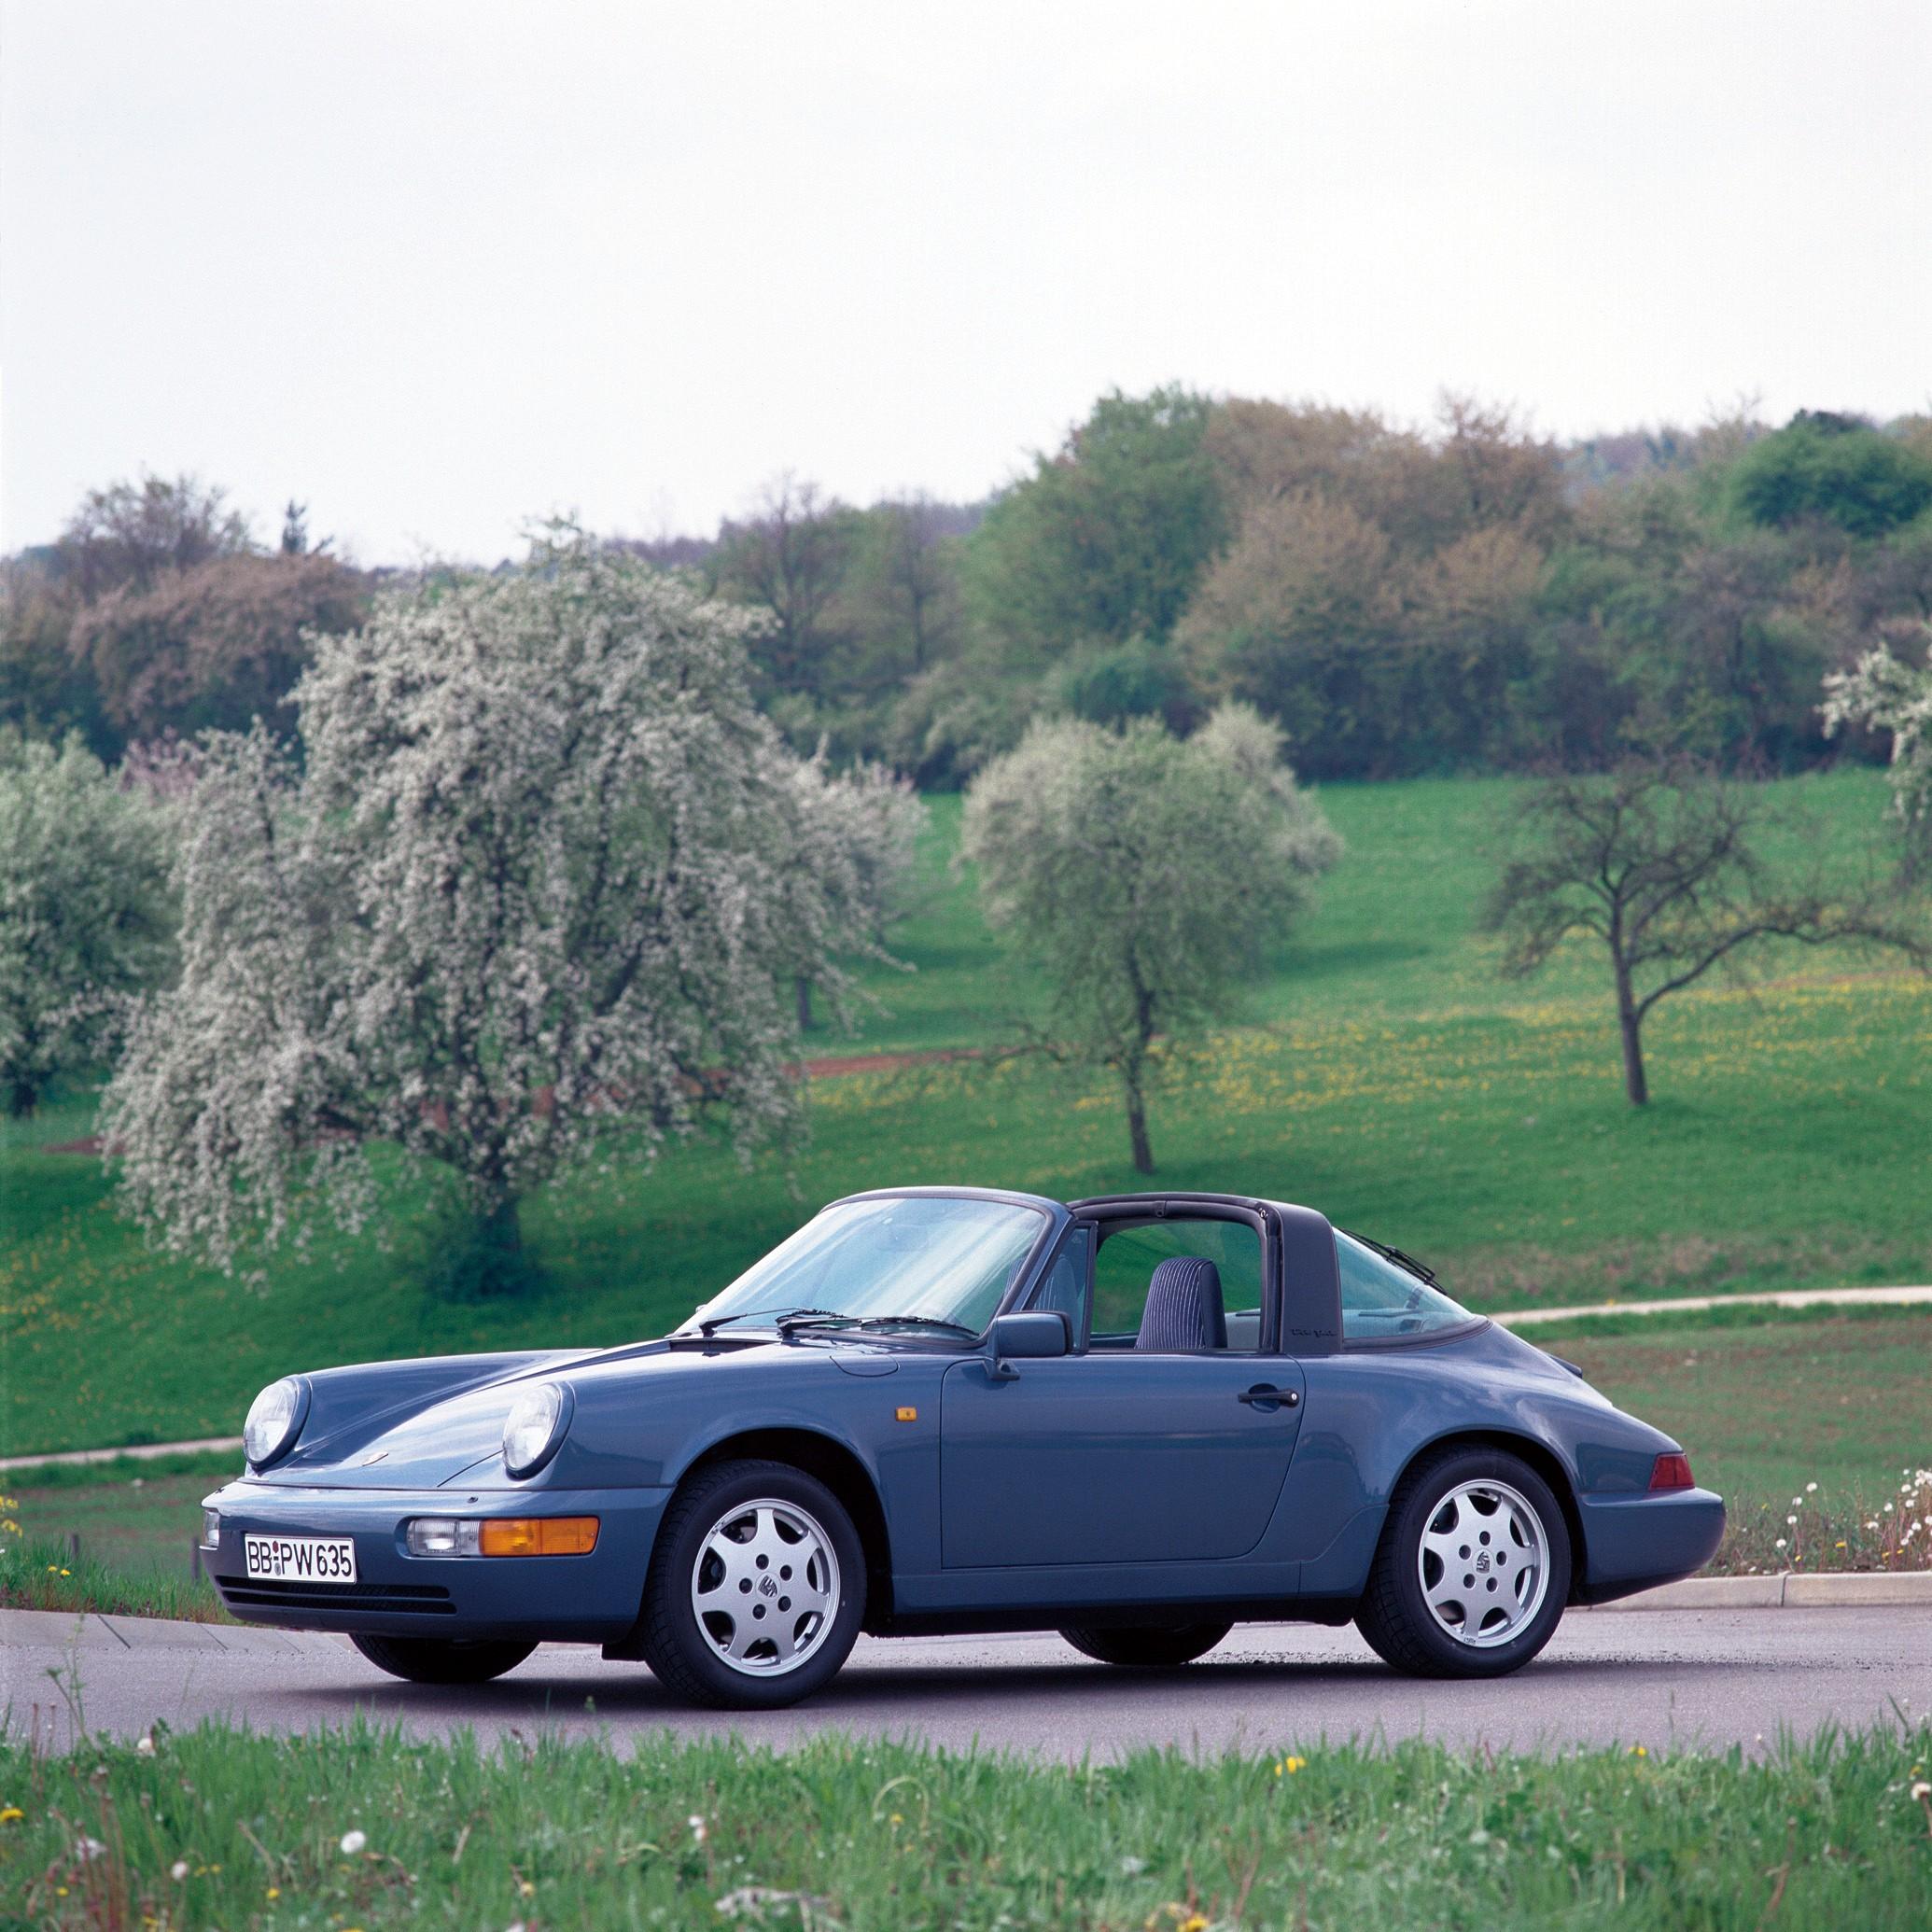 Porsche 911 Targa: 1989, 1990, 1991, 1992, 1993